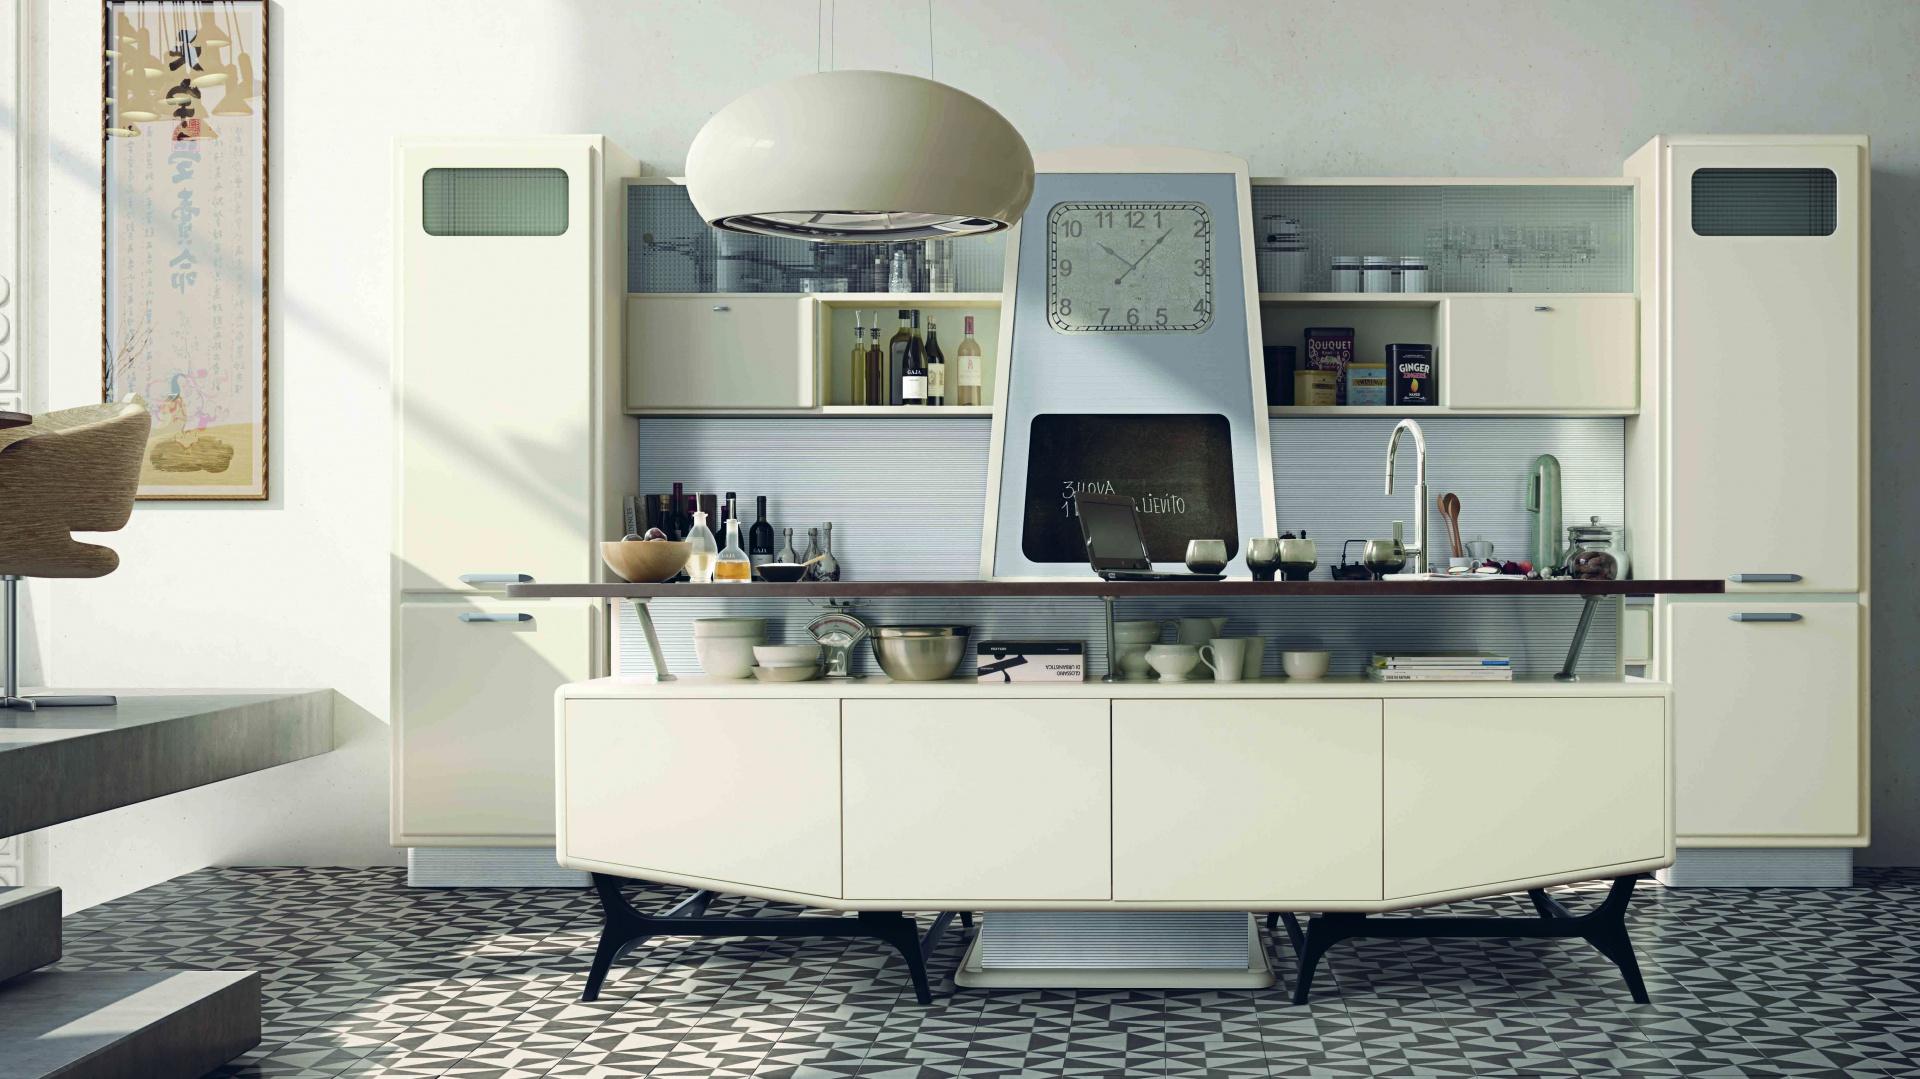 Obłe formy oraz pastelowa kolorystyka kuchni SAINT LOUIS nawiązują do kreacji przestrzeni kuchennych z lat 50. ub. w. Na zamówienie. Fot. Marchi Cucine